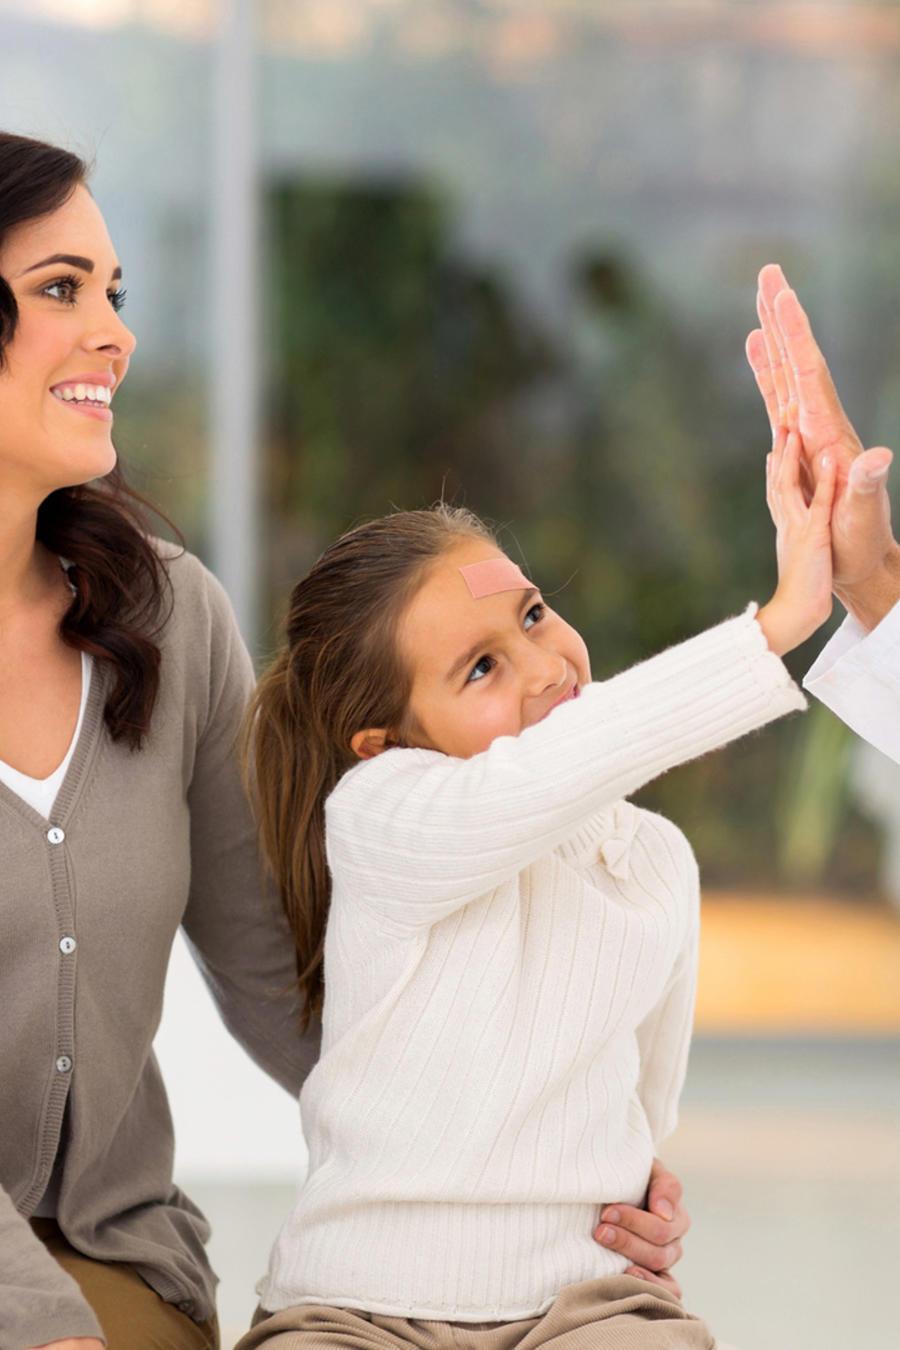 Pediatra chocando las manos con una niña